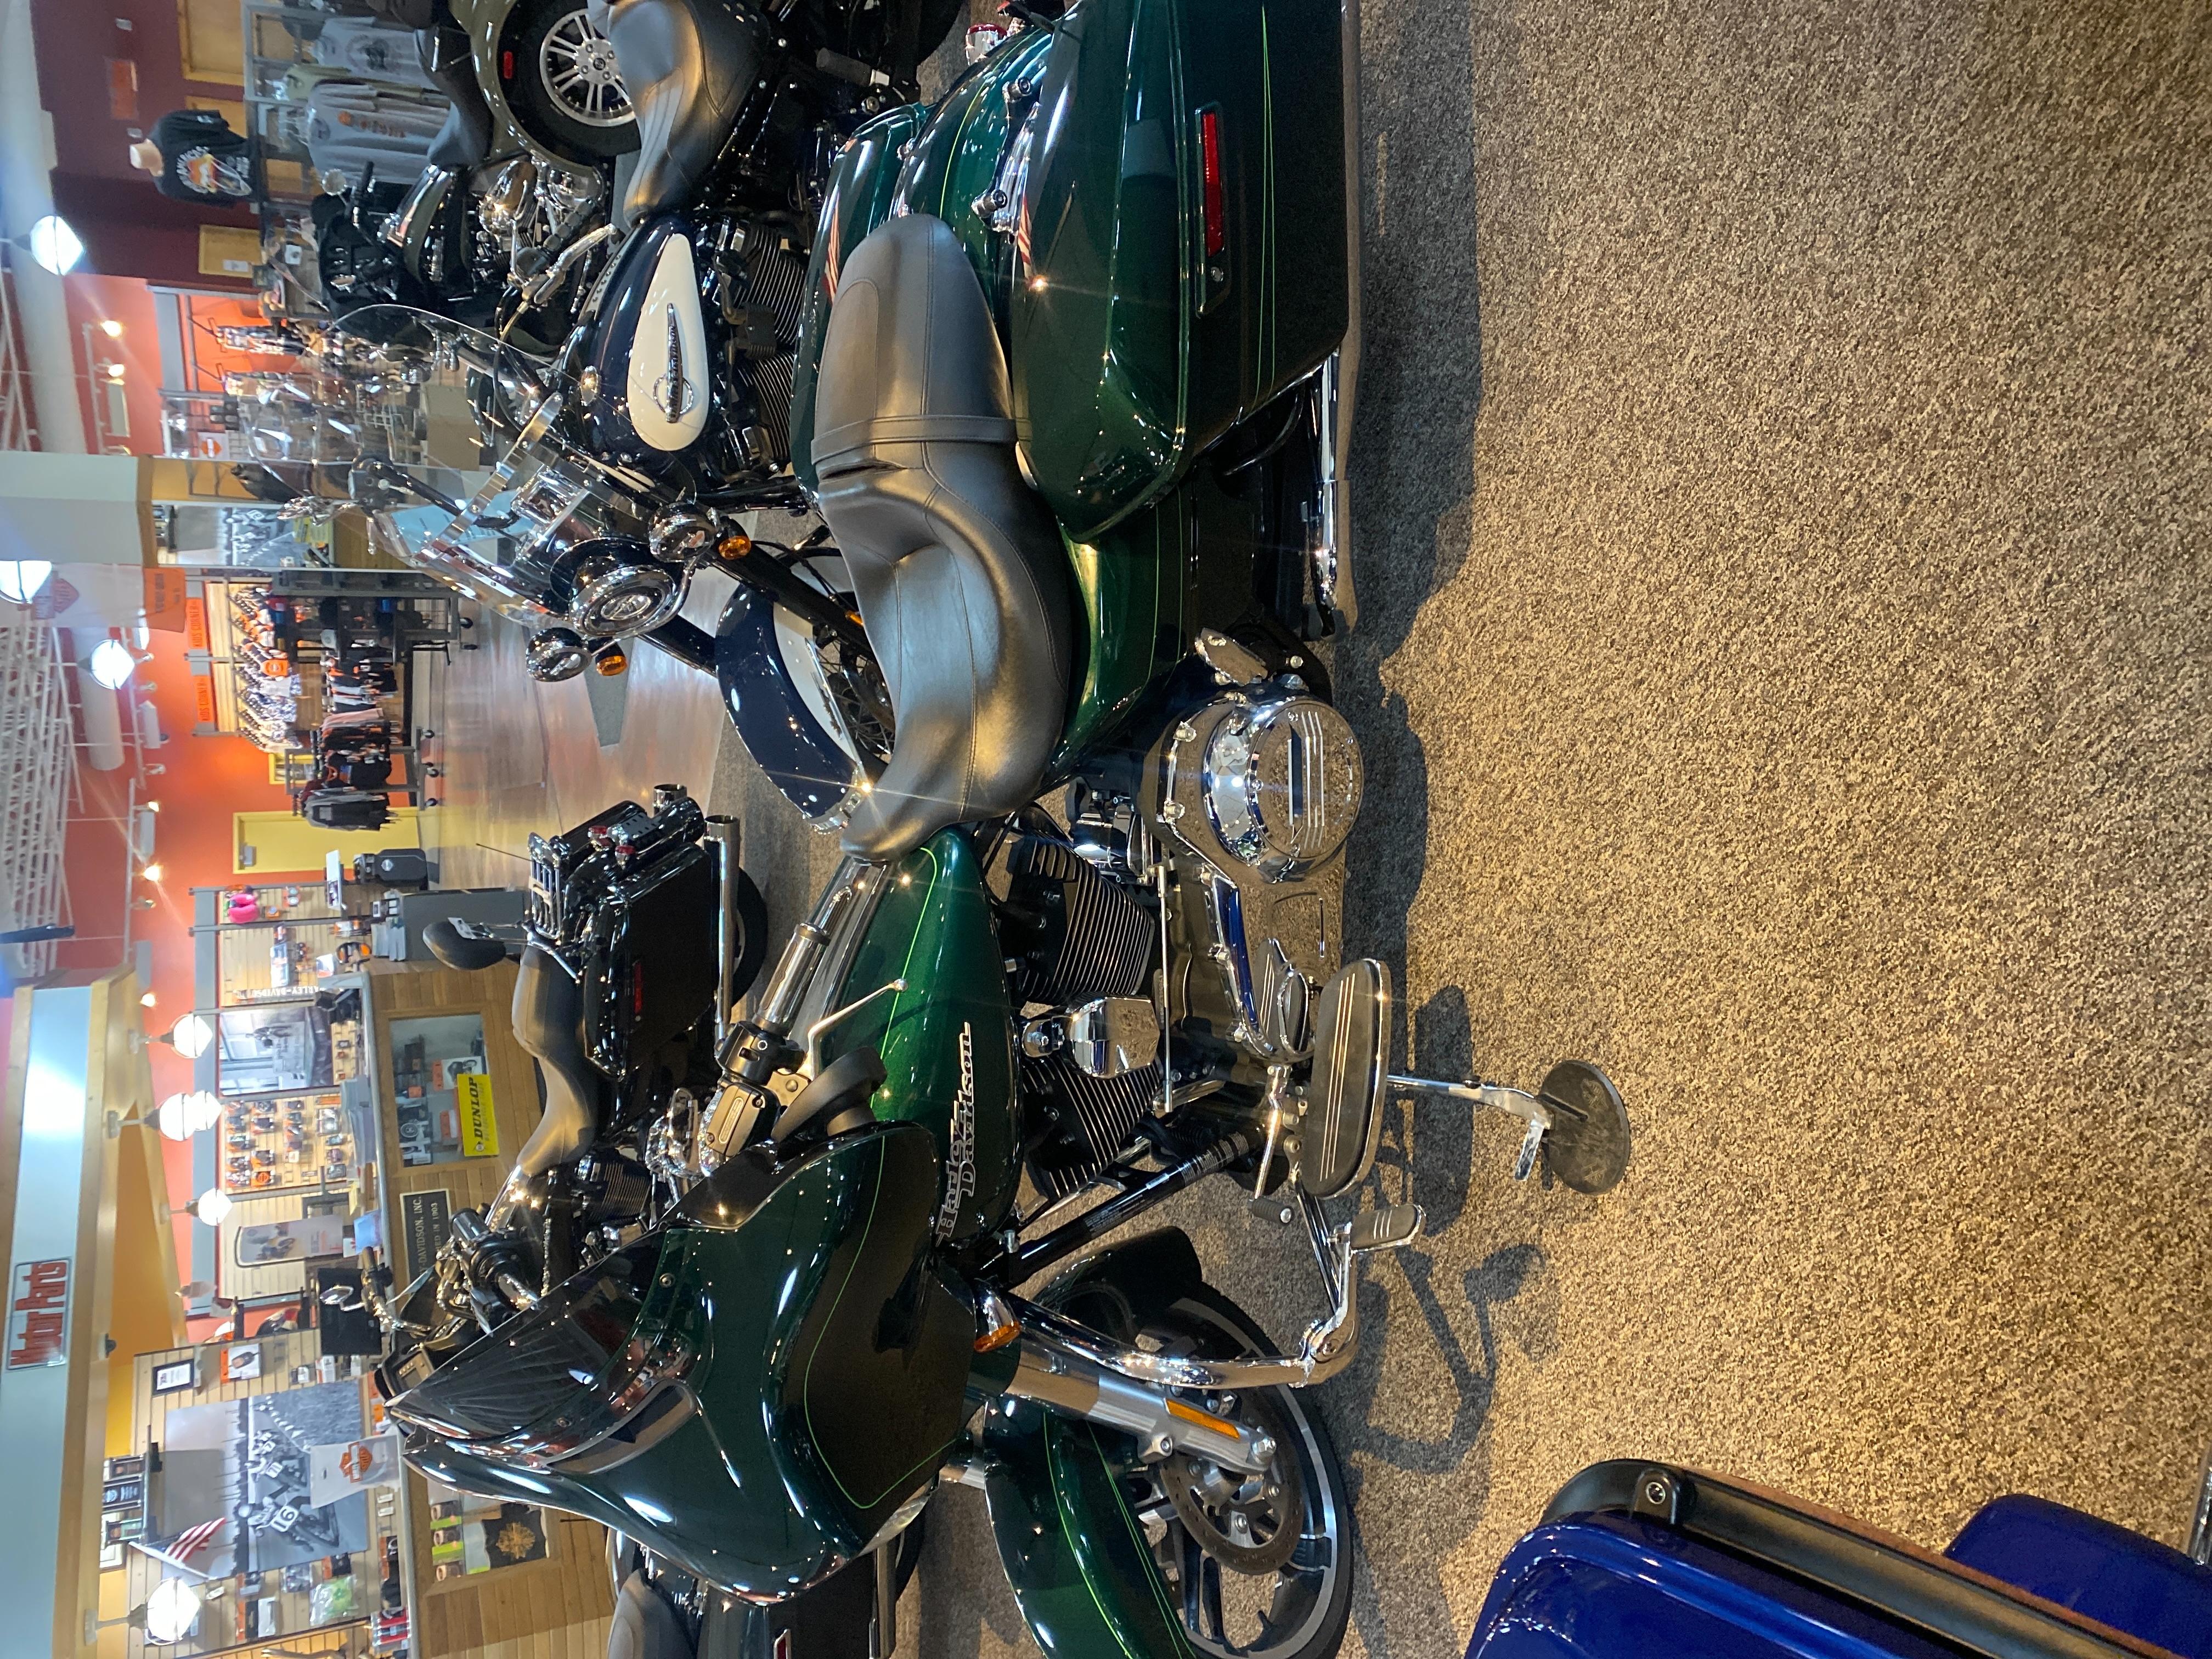 2016 Harley-Davidson Street Glide Special at Outpost Harley-Davidson